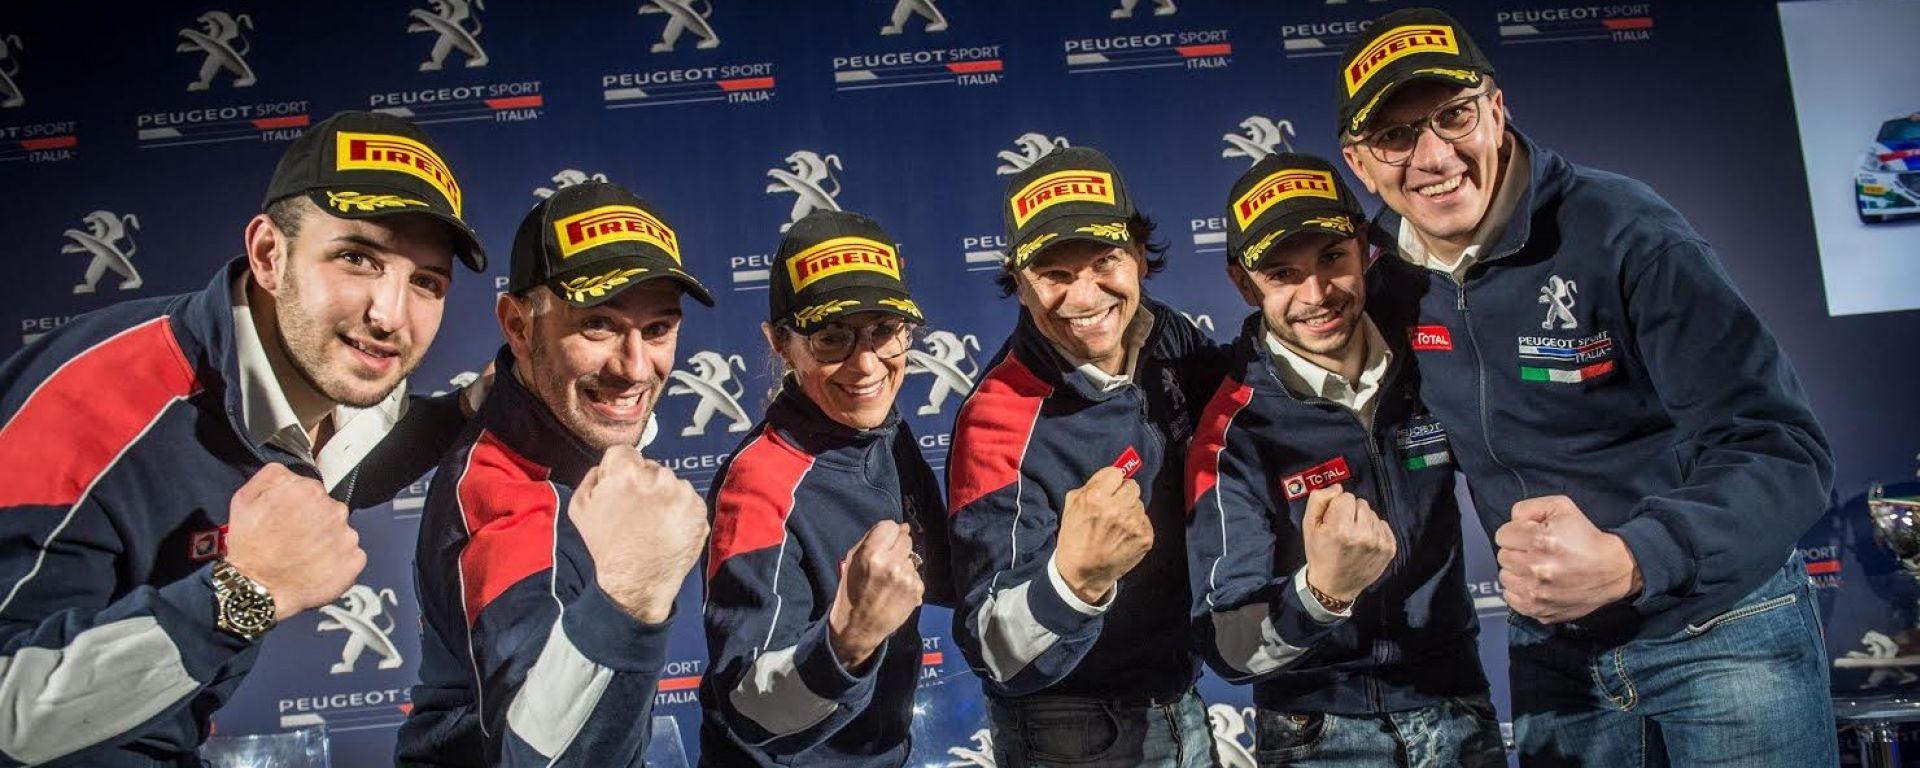 La squadra di Peugeot Sport Italia al completo